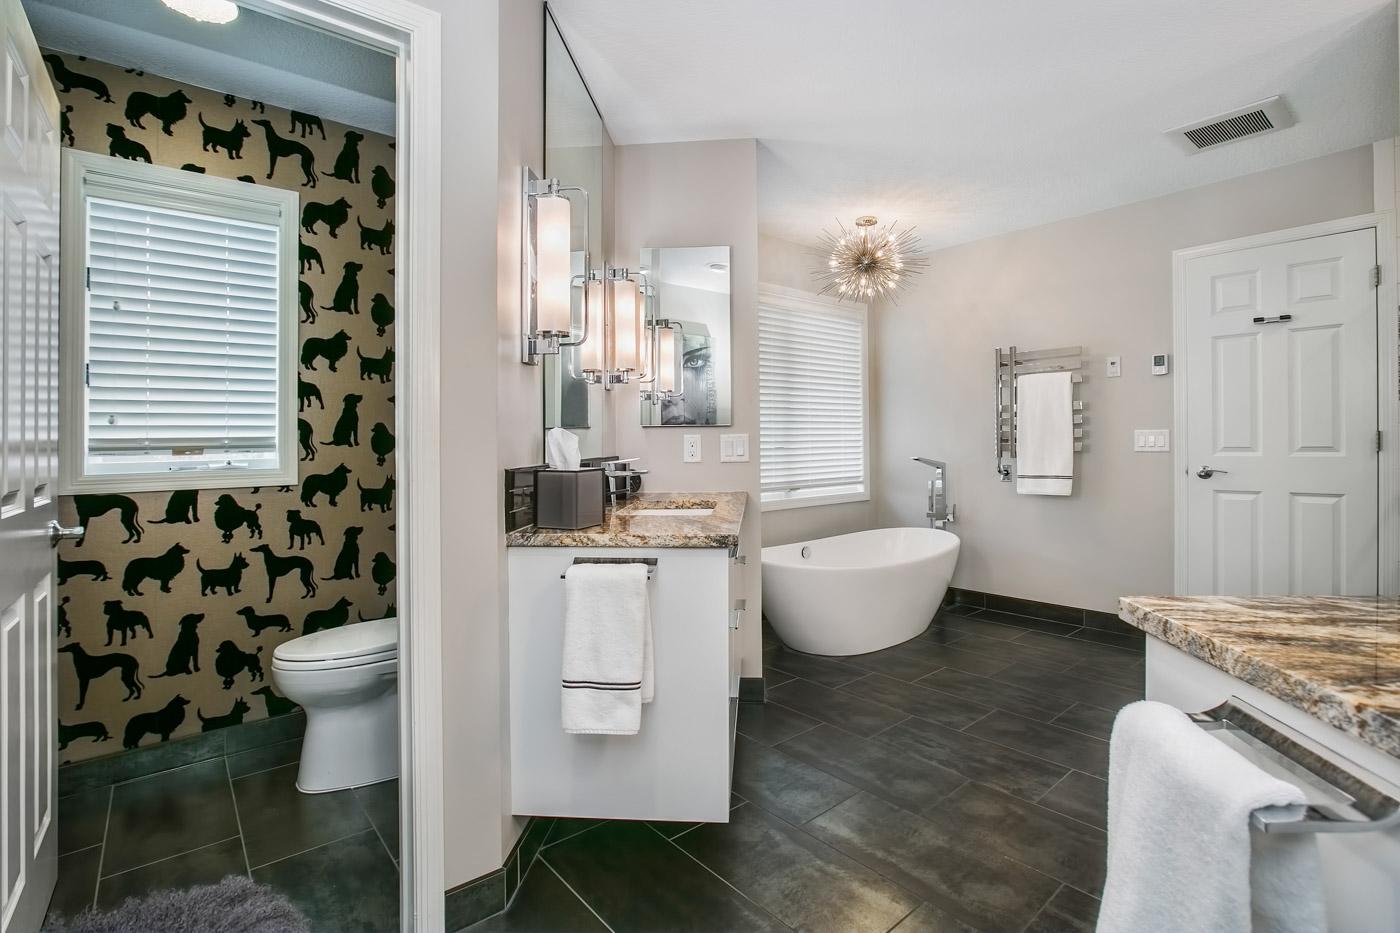 Bathroom Remodeling Portfolio Gallery James Barton DesignBuild - Discount bathroom remodel